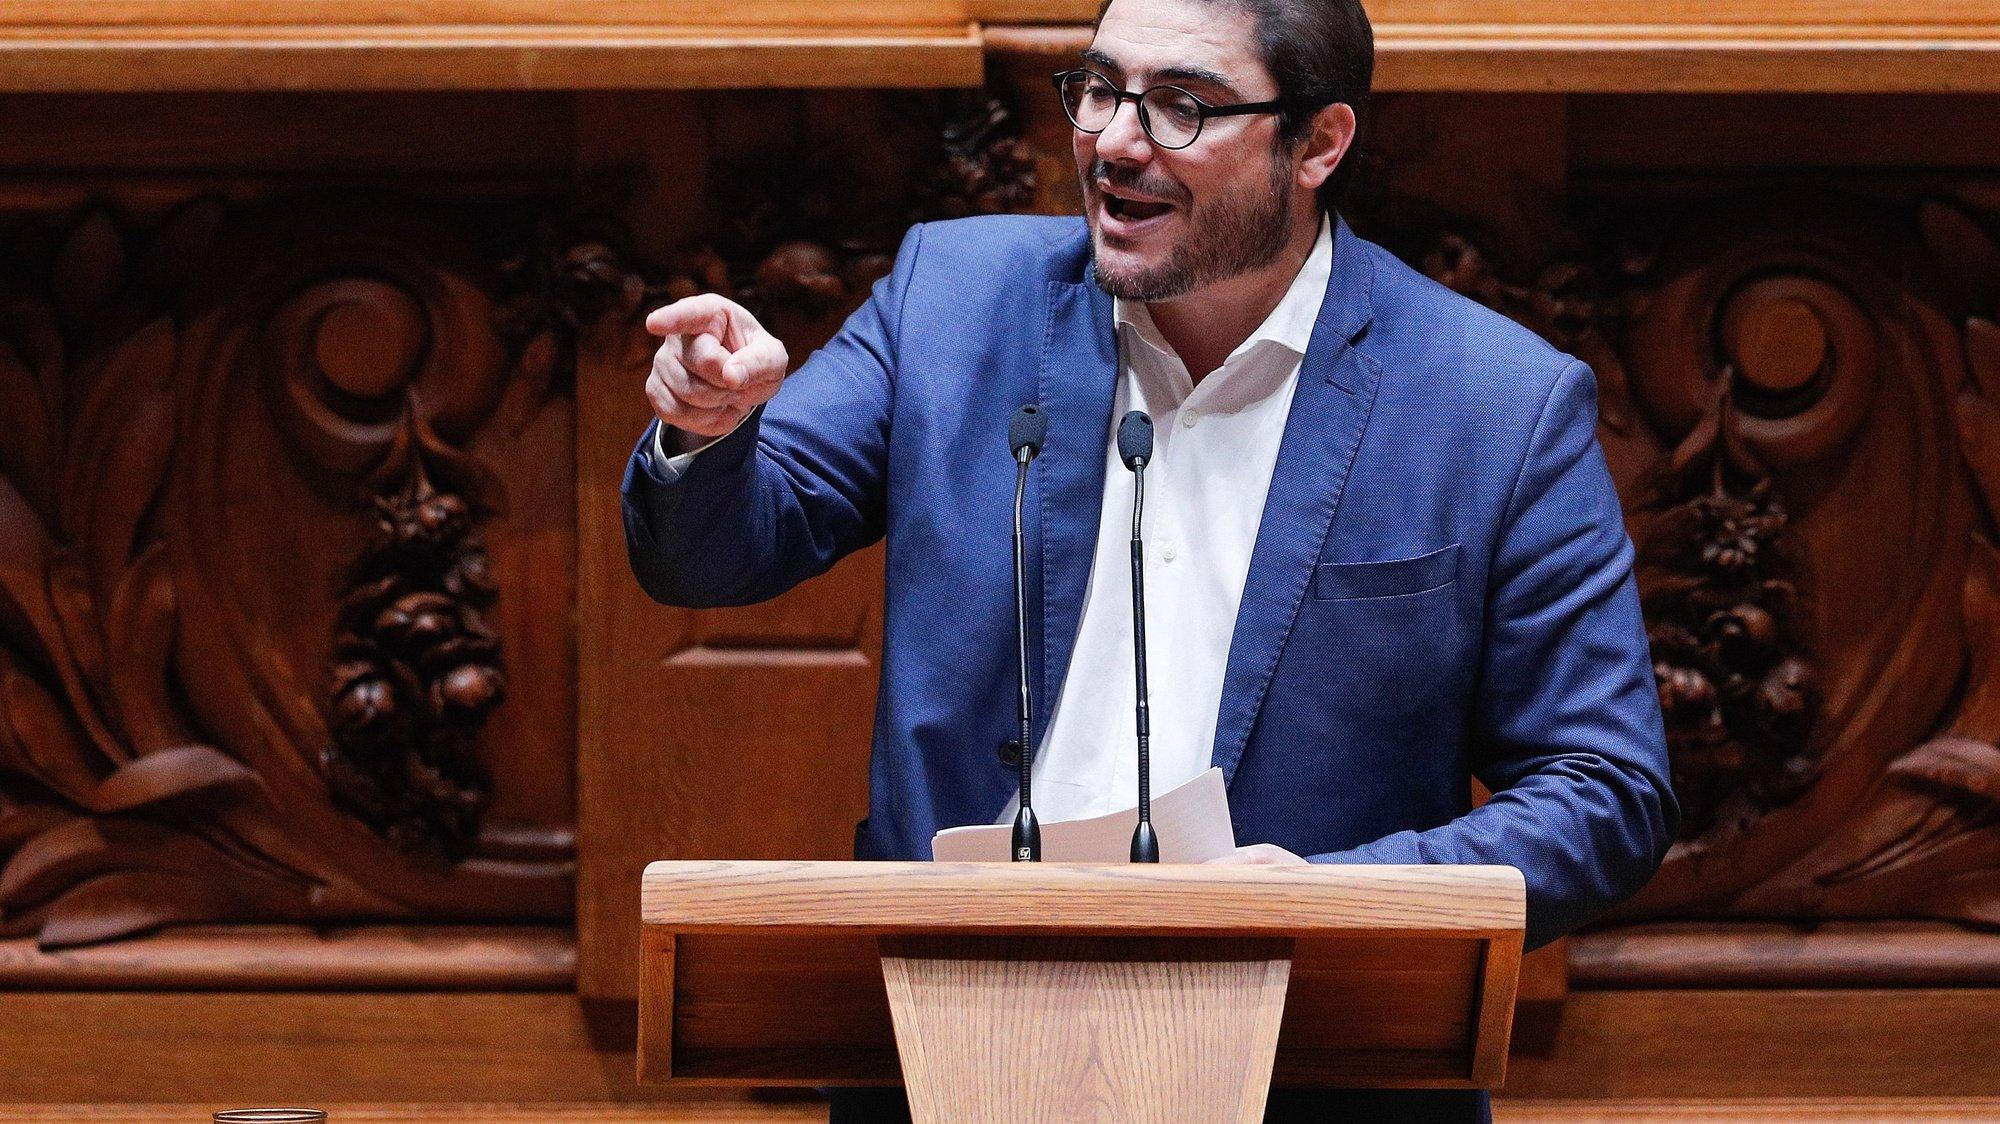 O líder parlamentar do Partido Comunista Português (PCP), João Oliveira, intervém, durante o debate sobre o pedido de autorização de renovação do estado de emergência na Assembleia da República, em Lisboa, 20 de novembro de 2020. ANTÓNIO COTRIM/LUSA